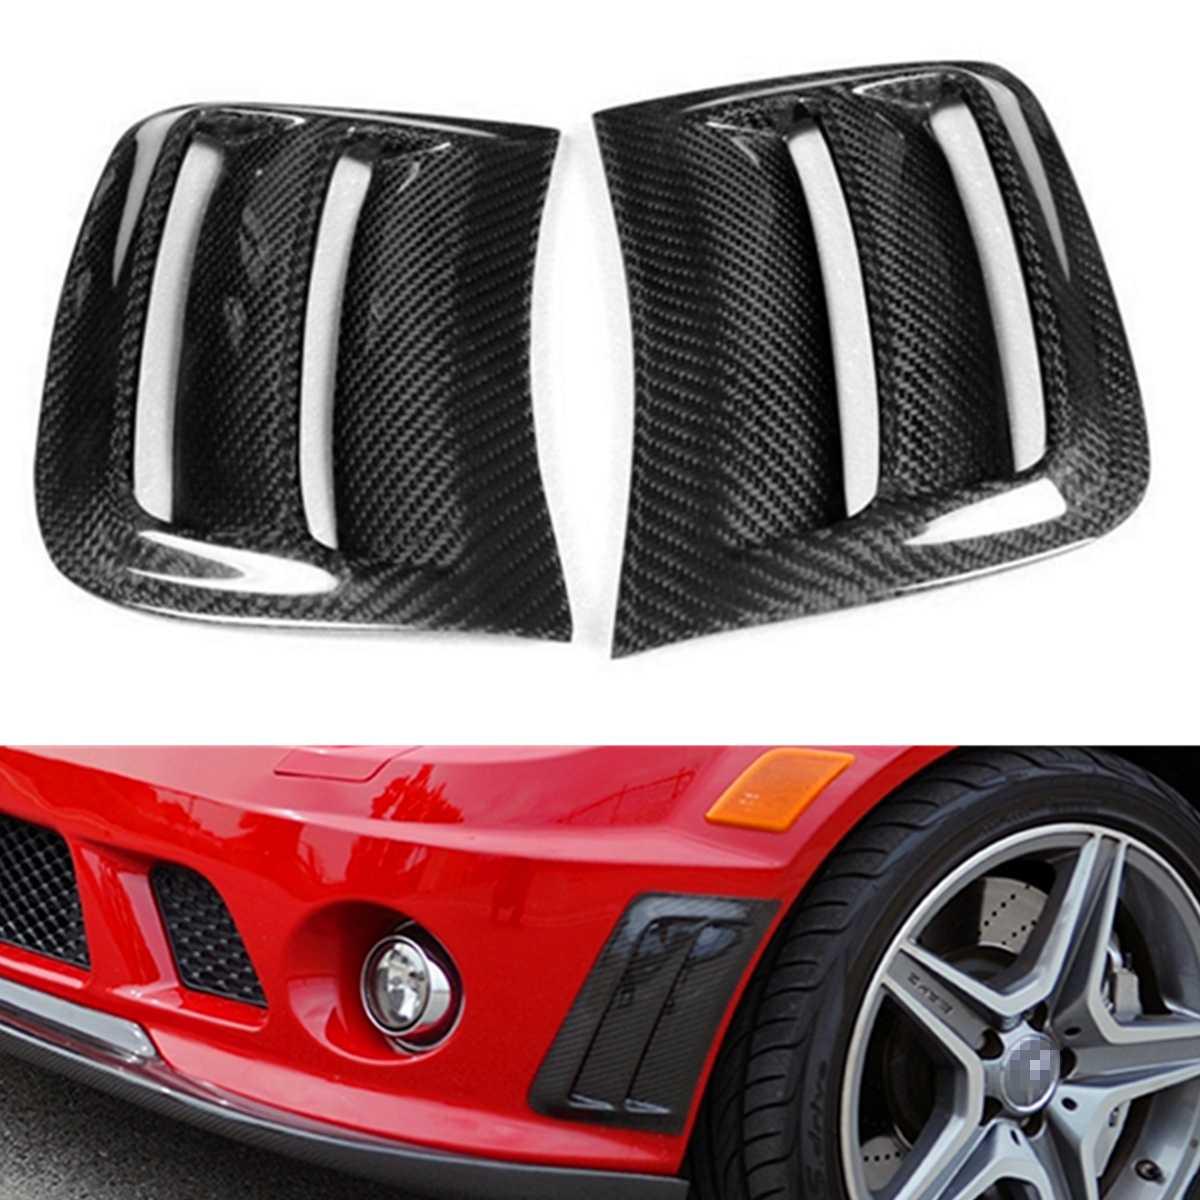 1 пара автомобиля углеродного волокна Air вентиляционный канал стороны крышки воздушной вставкой Vent Обложка Накладка Vent Стикеры для Benz W204 C63